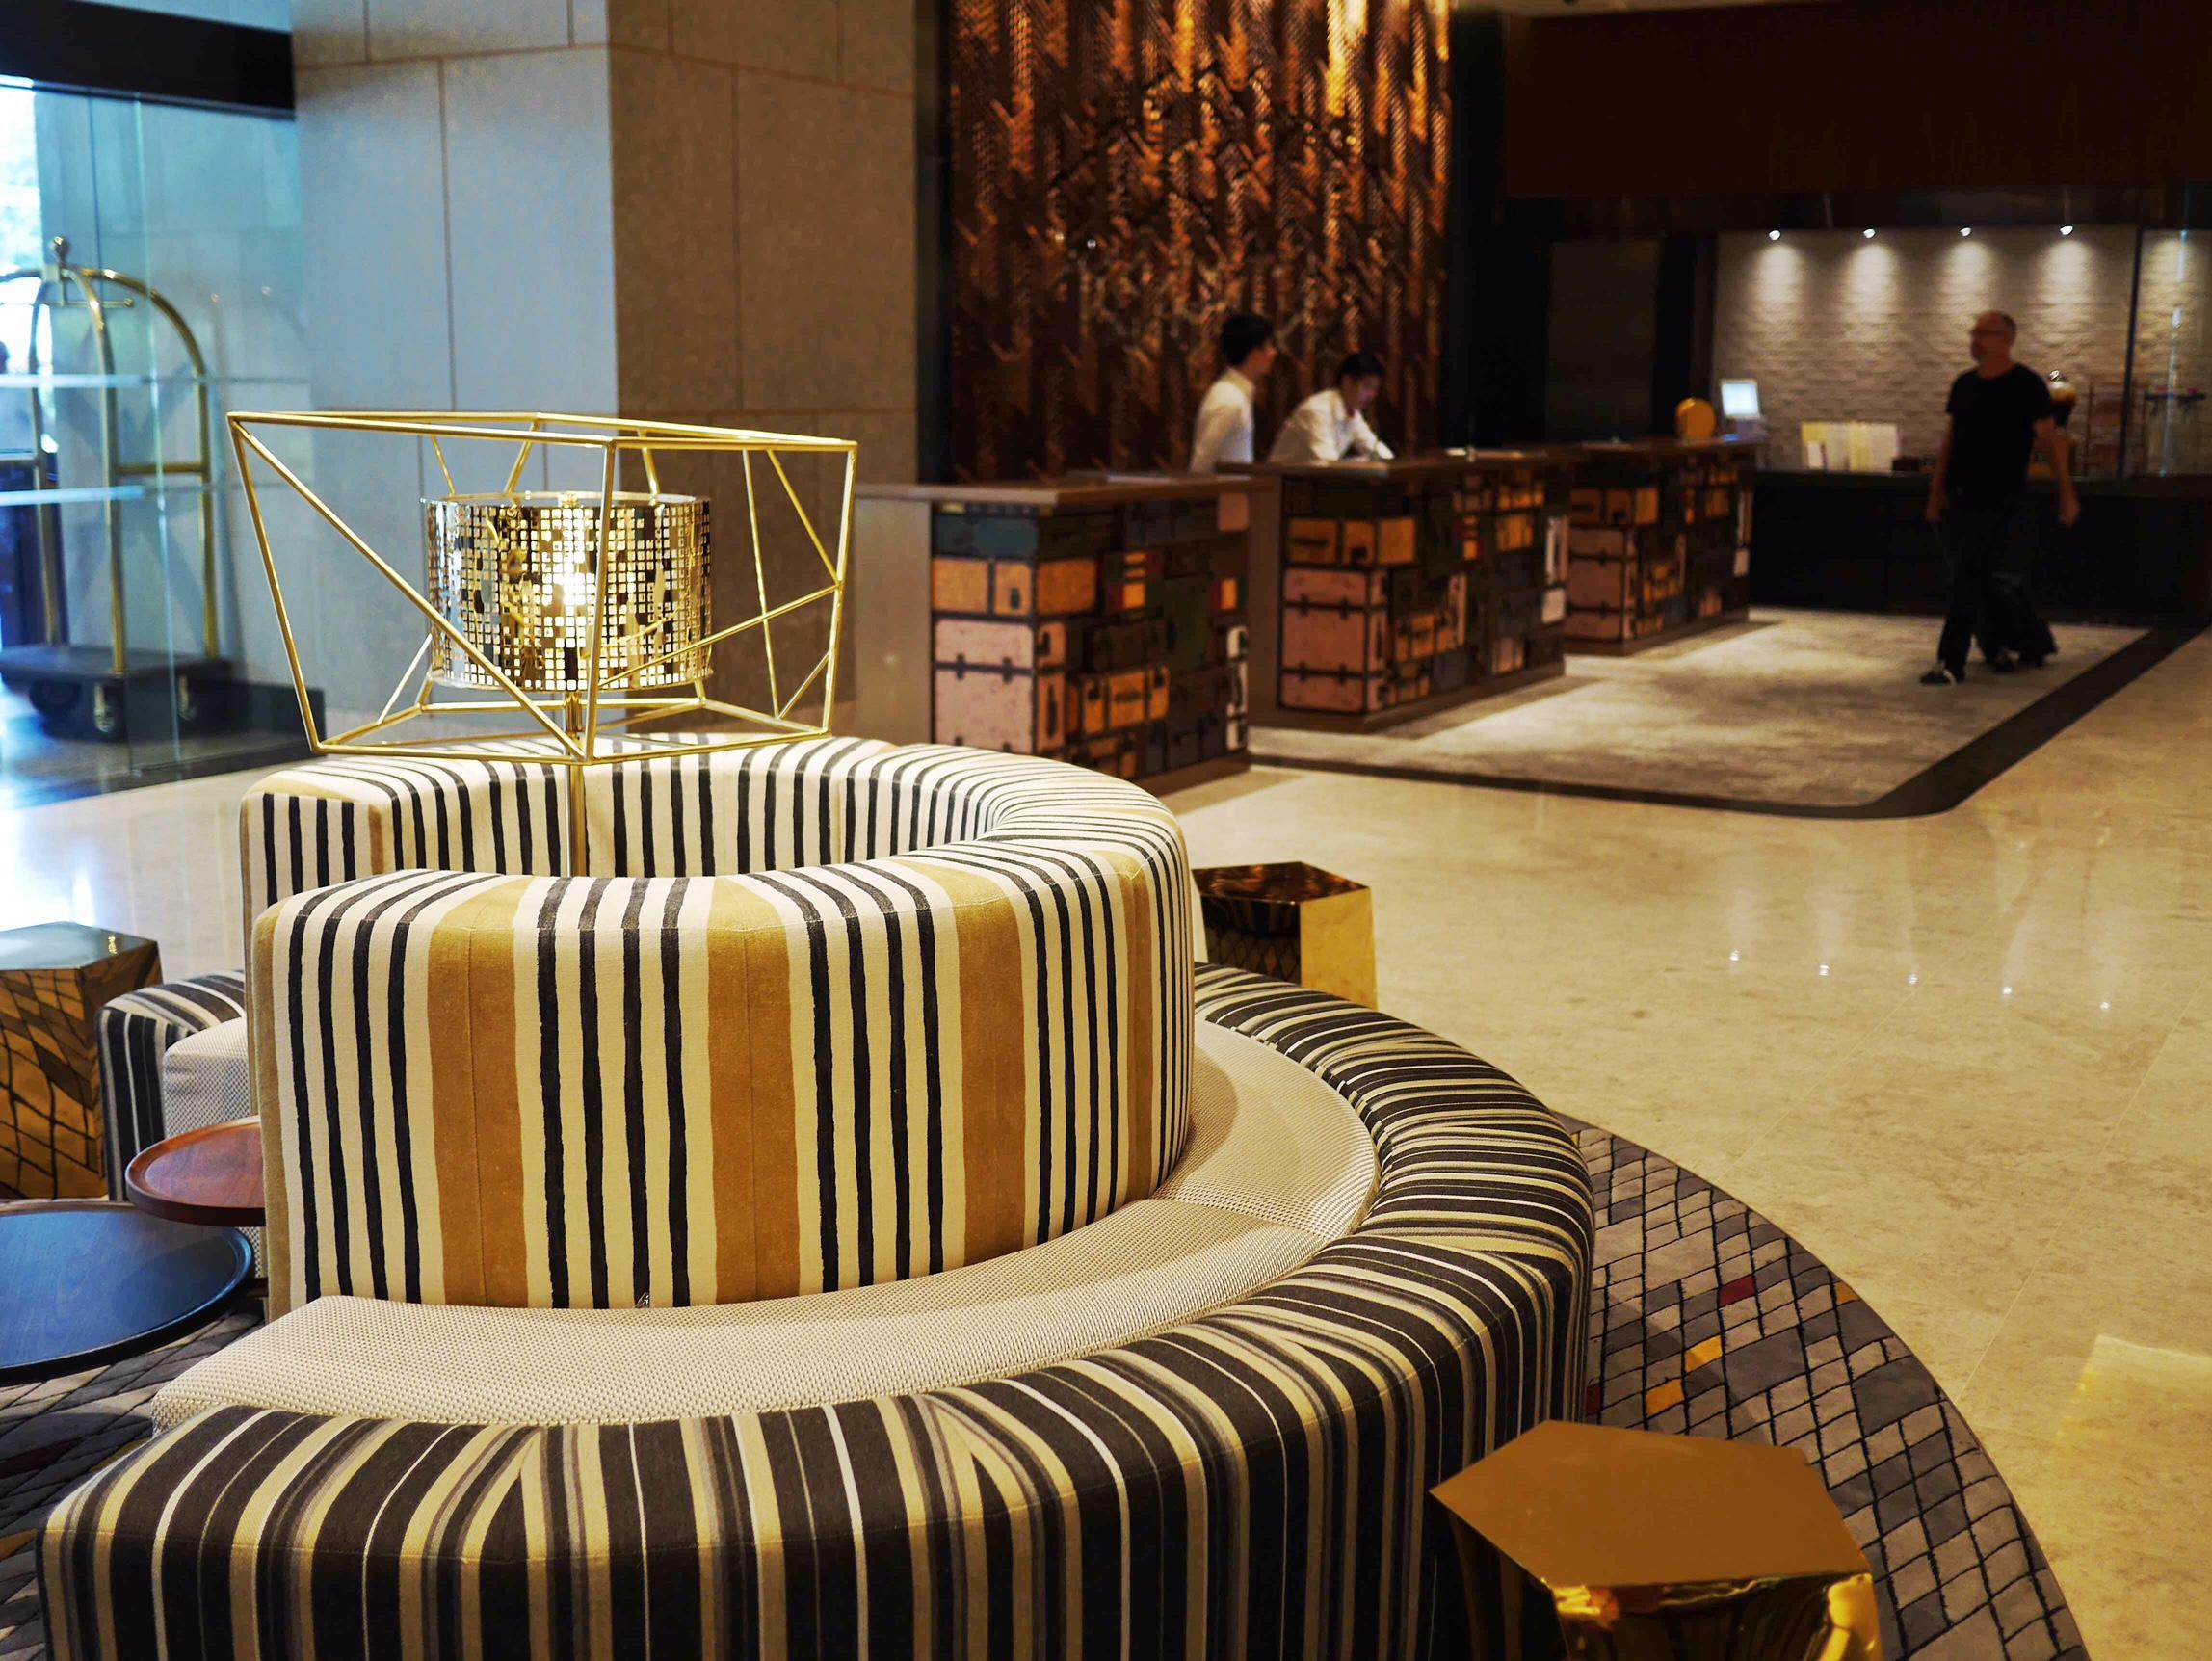 Hotel Jen Tanglin lobby thesweetwanderlust.com